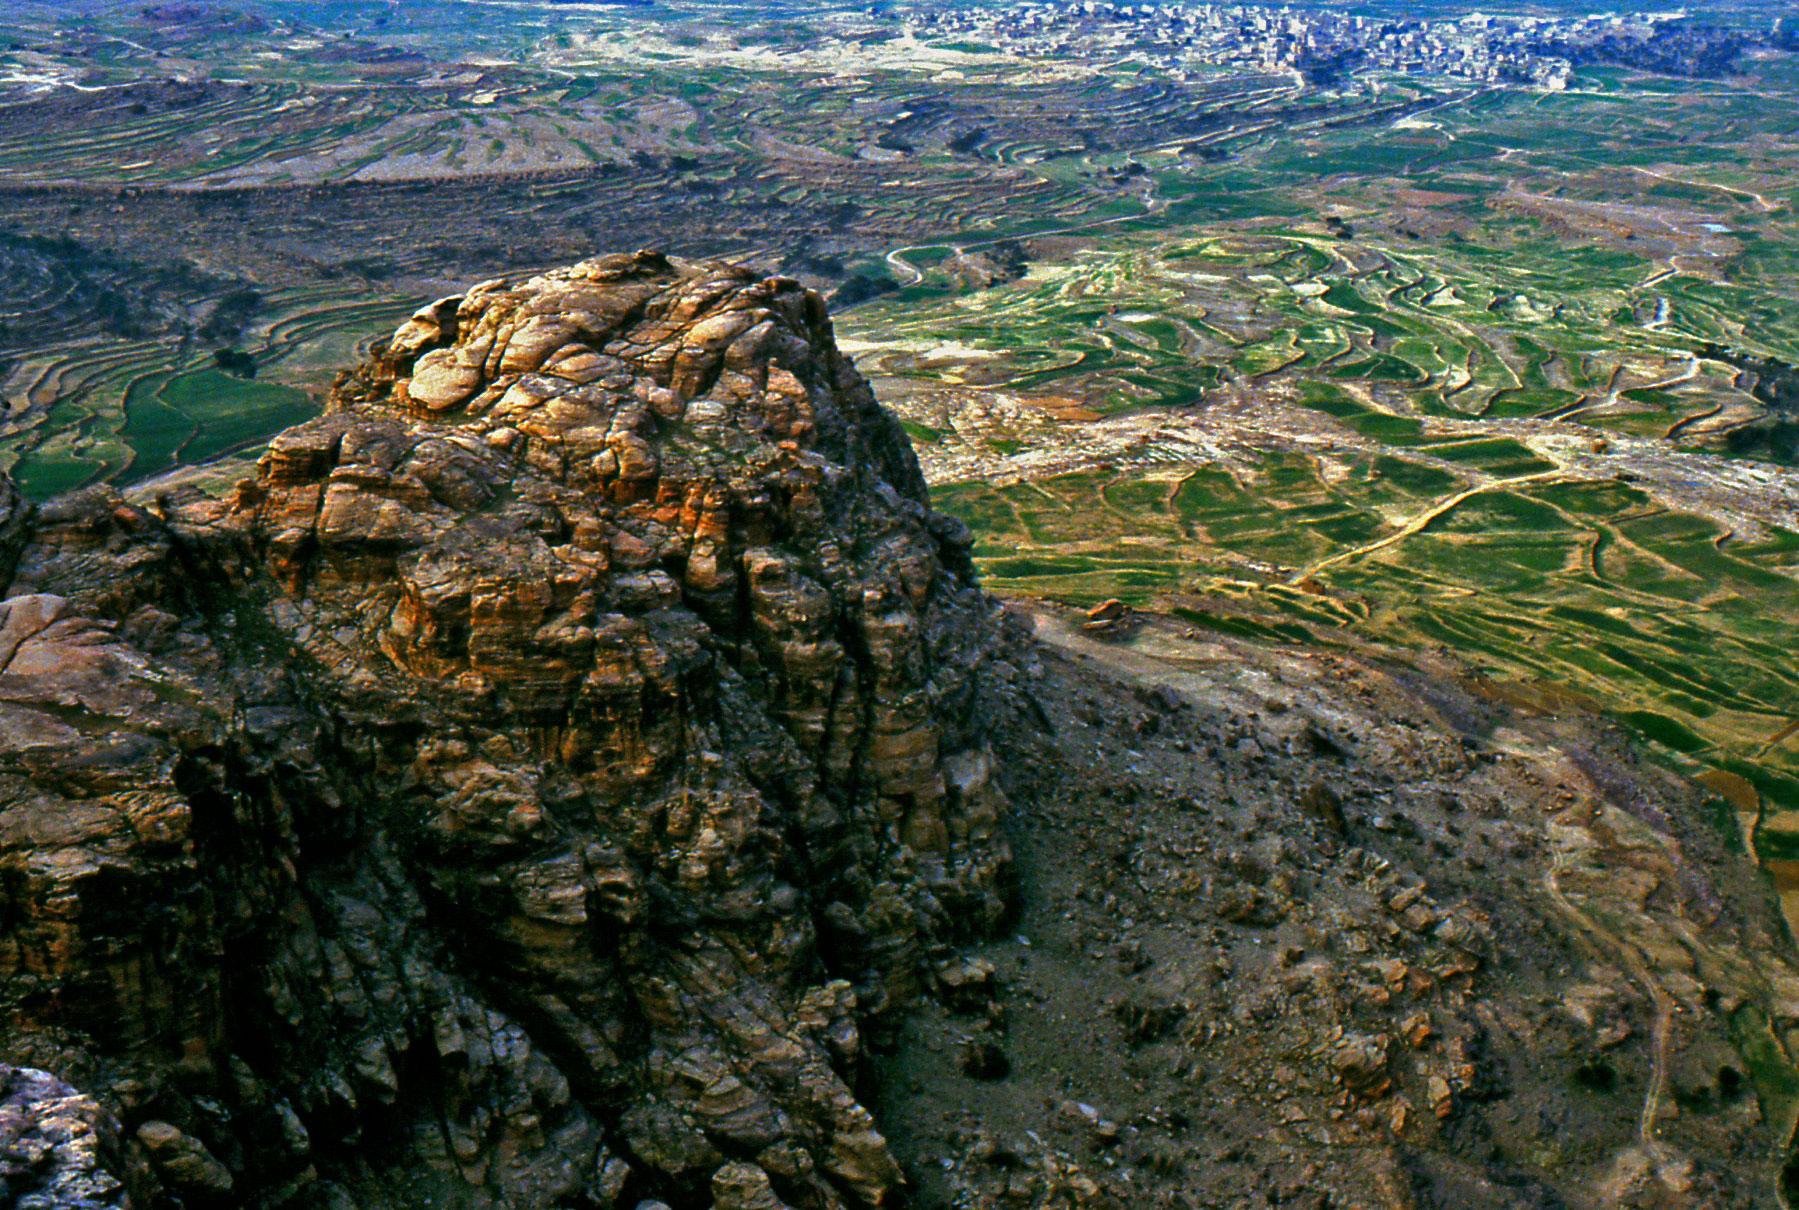 Una vista dall'alto dei terrazzamenti coltivati